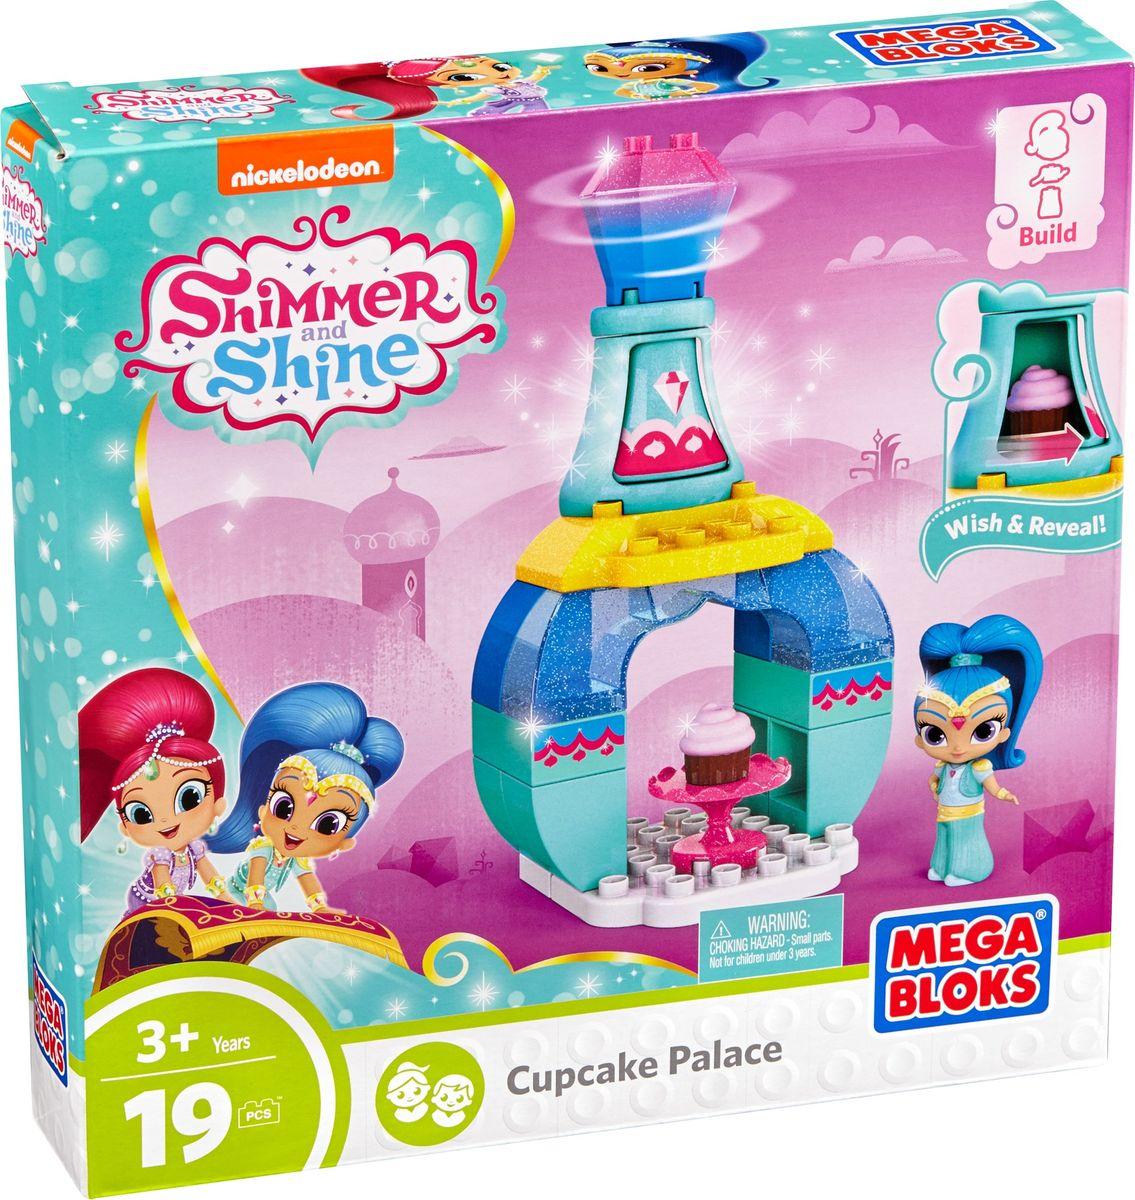 Mega Bloks Shimmer & Shine Конструктор Cupcake Palace shimmer & shine набор фигурок тала и нала